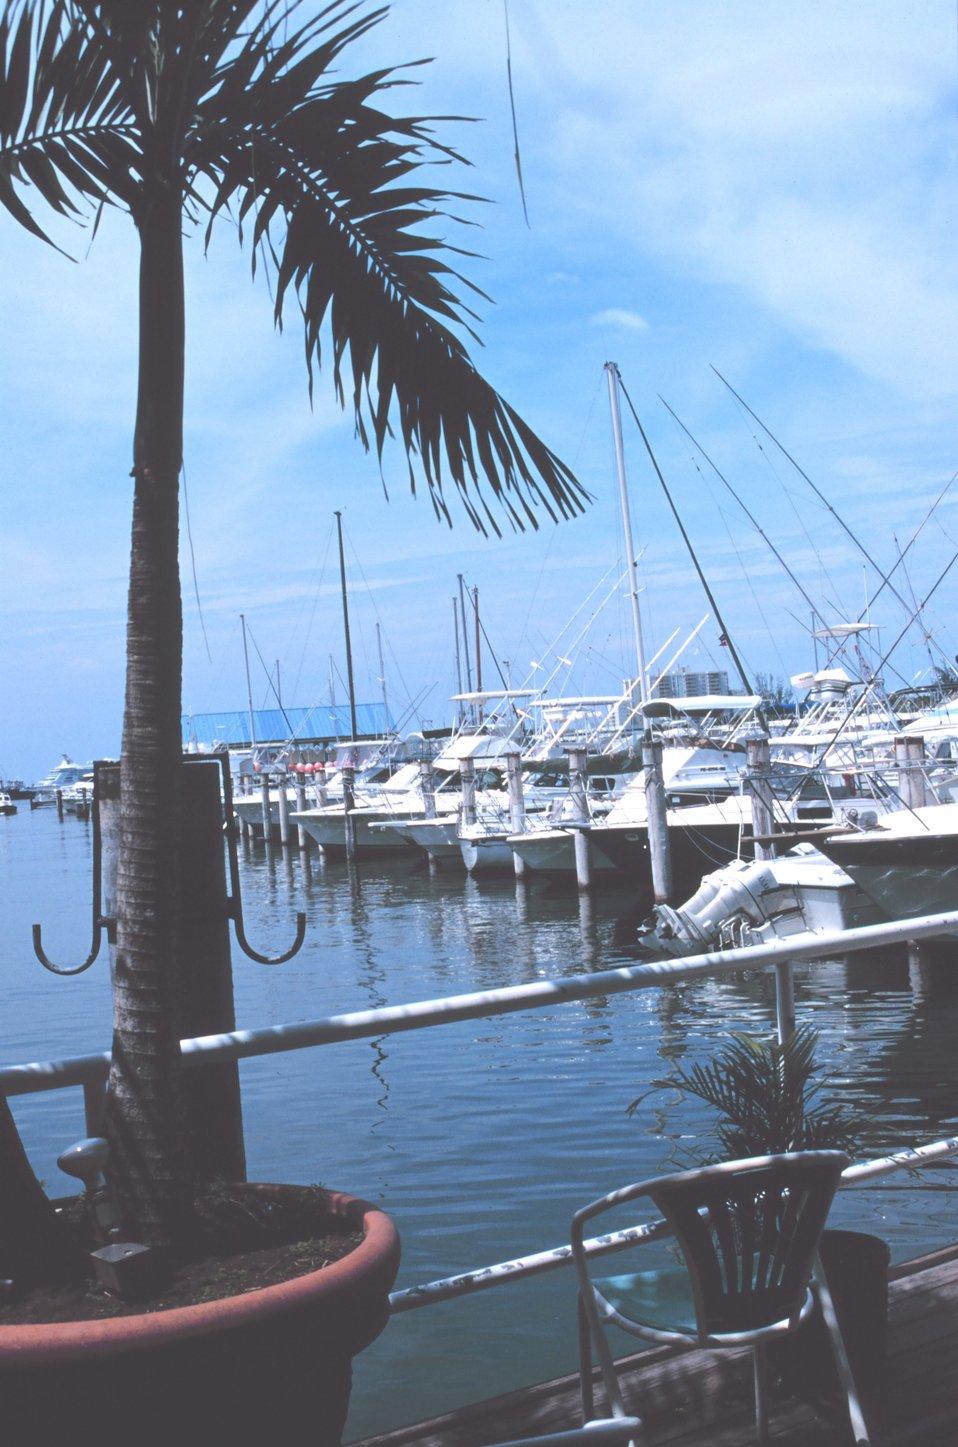 Recreational fishing boats at San Juan Bay Marina